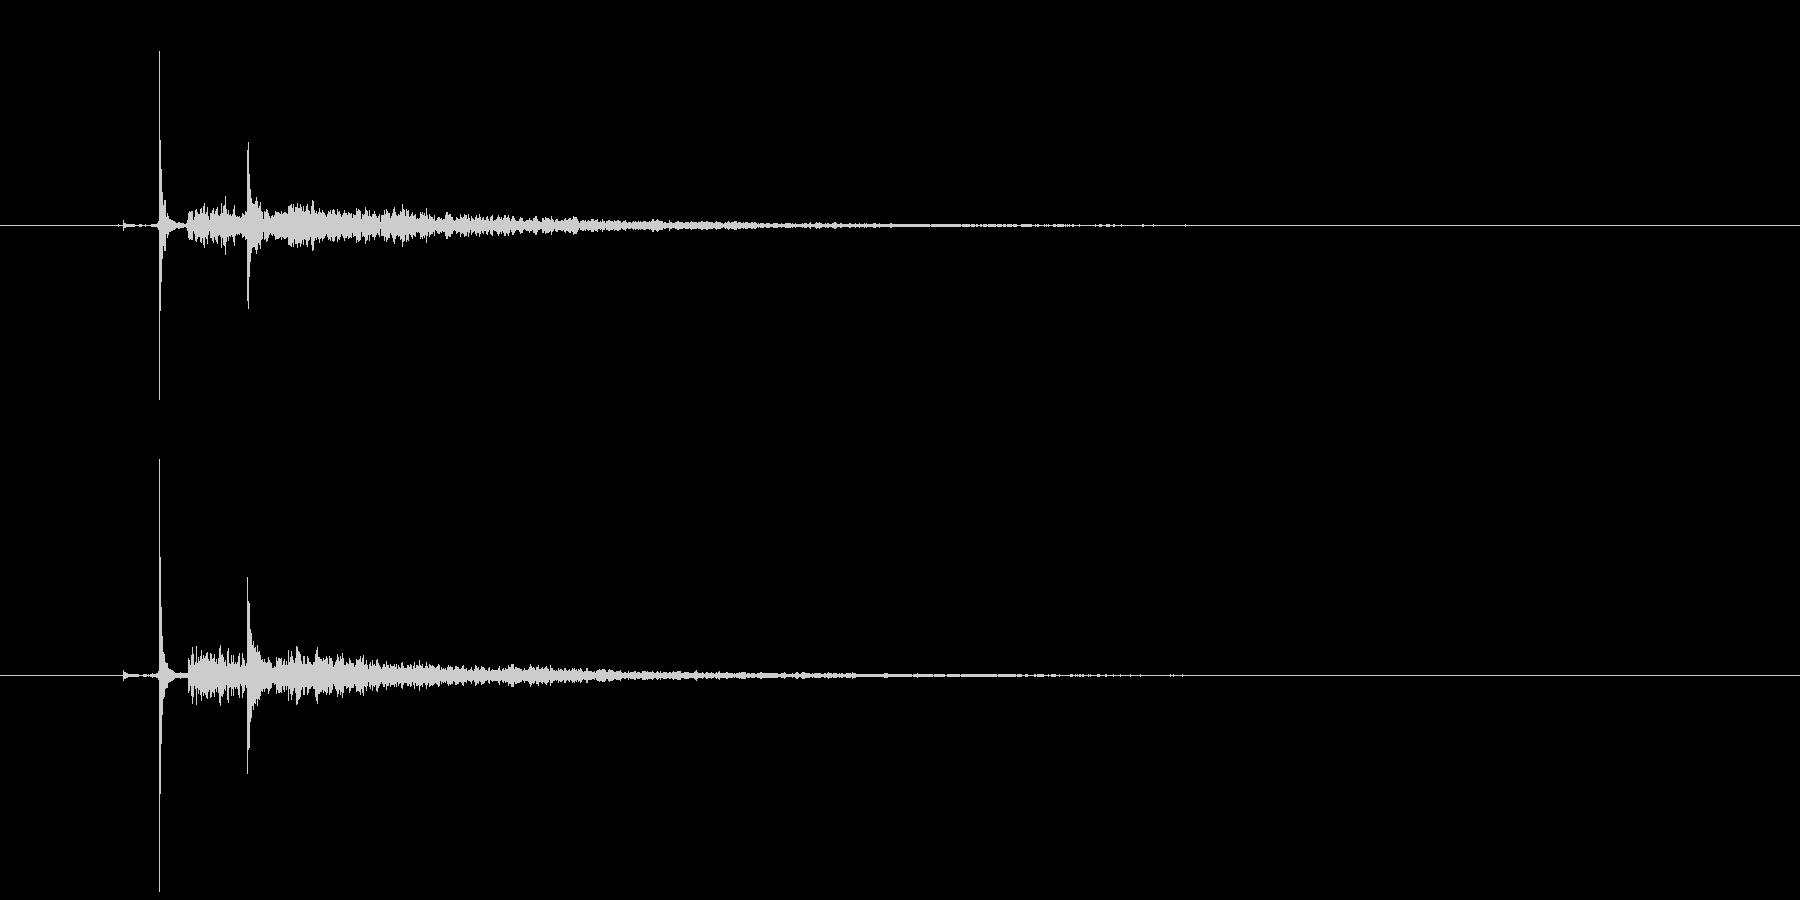 ピチャーン(水滴、エフェクト深め、洞窟)の未再生の波形